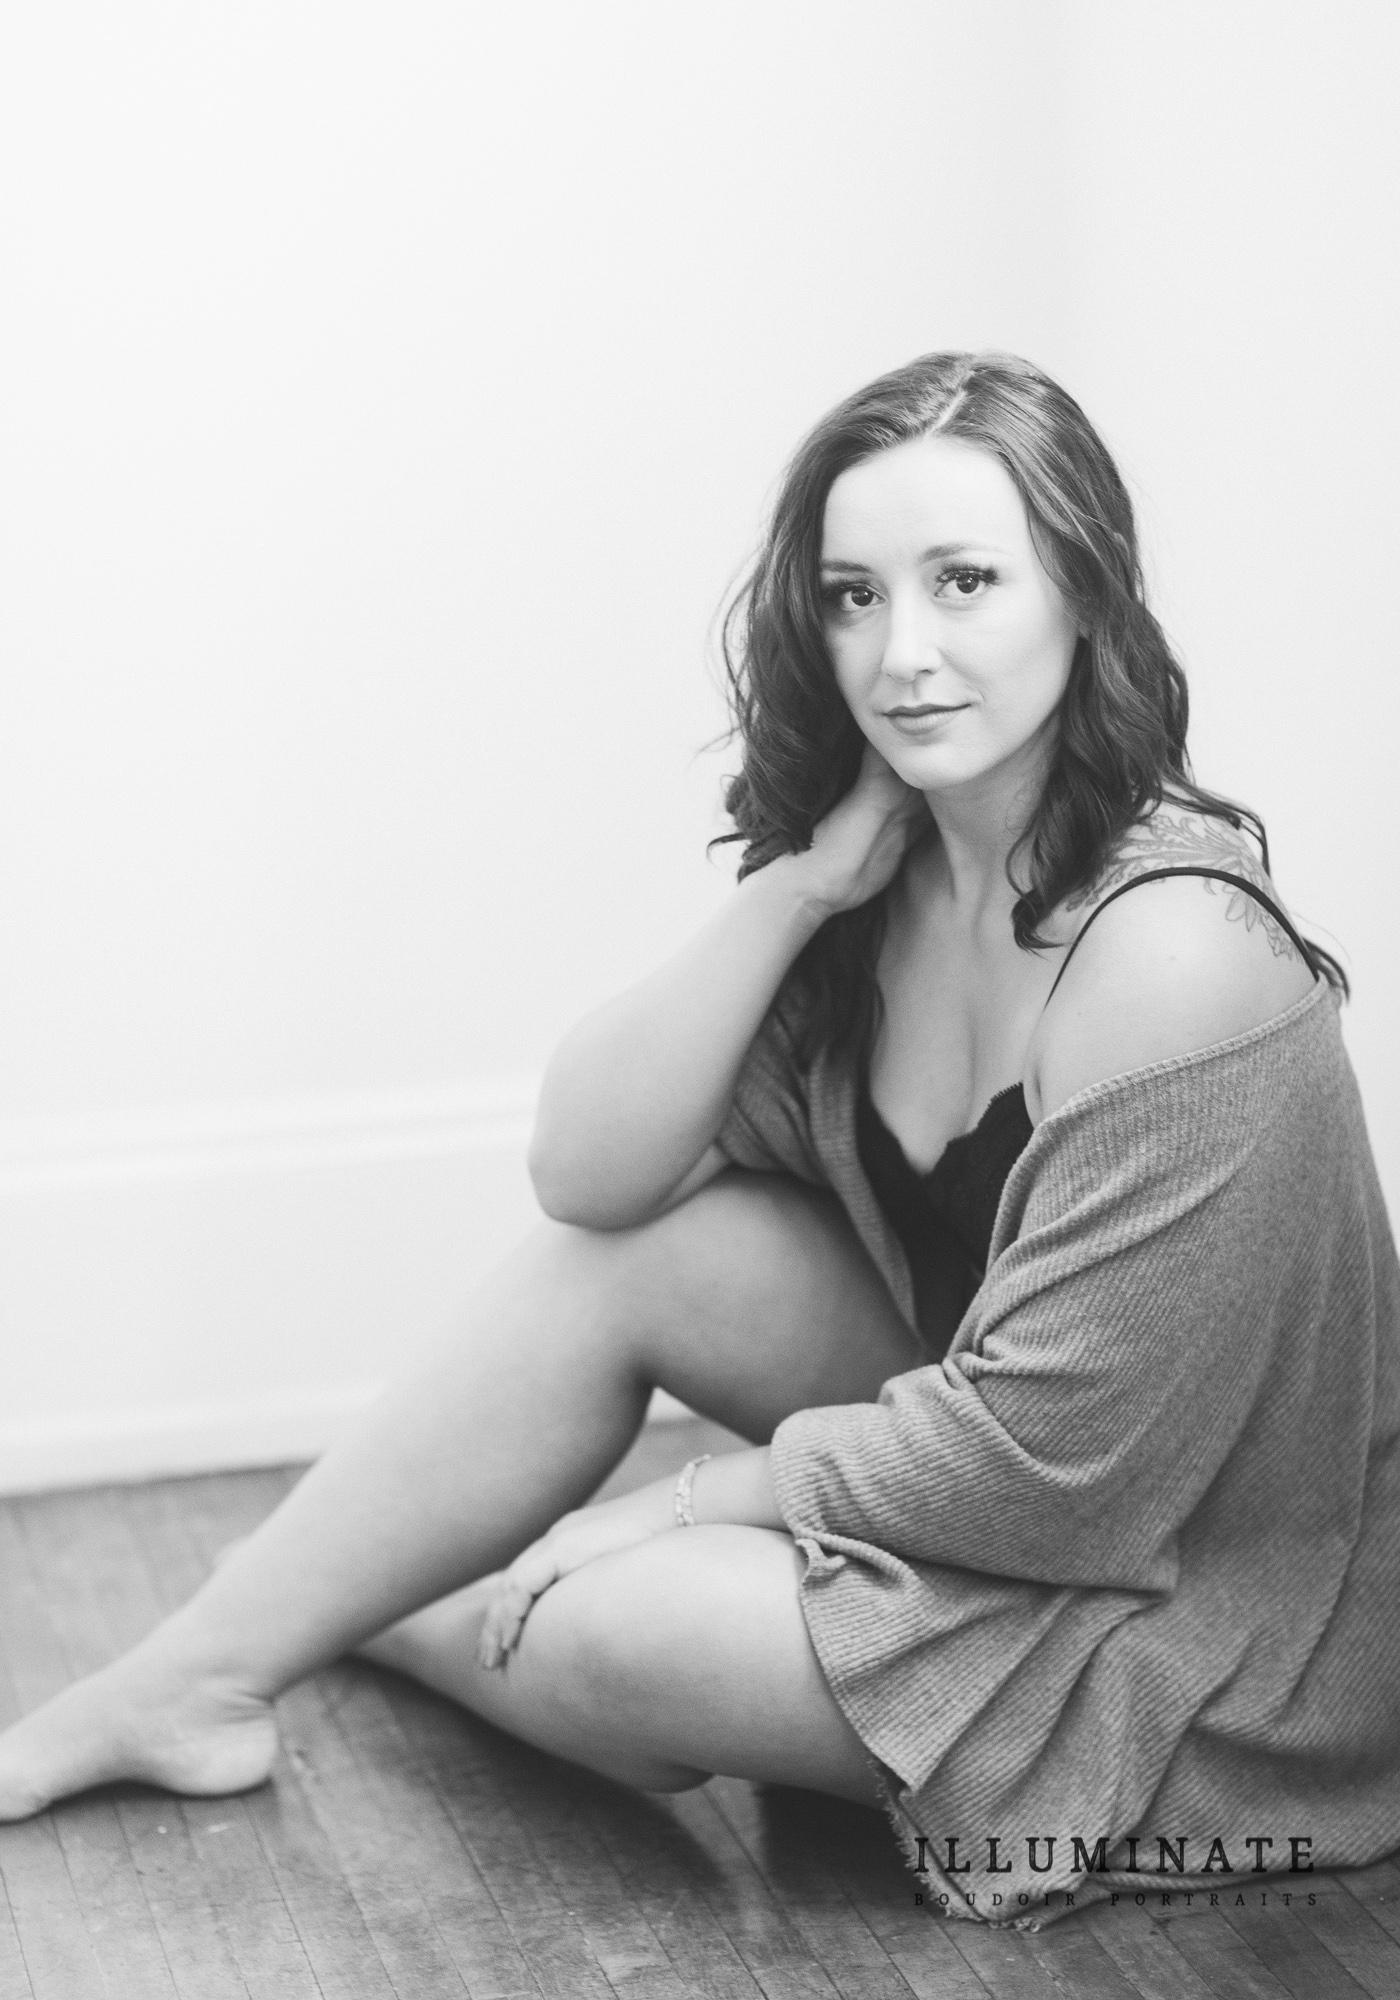 yoga teacher boudoir portraits-02.jpg